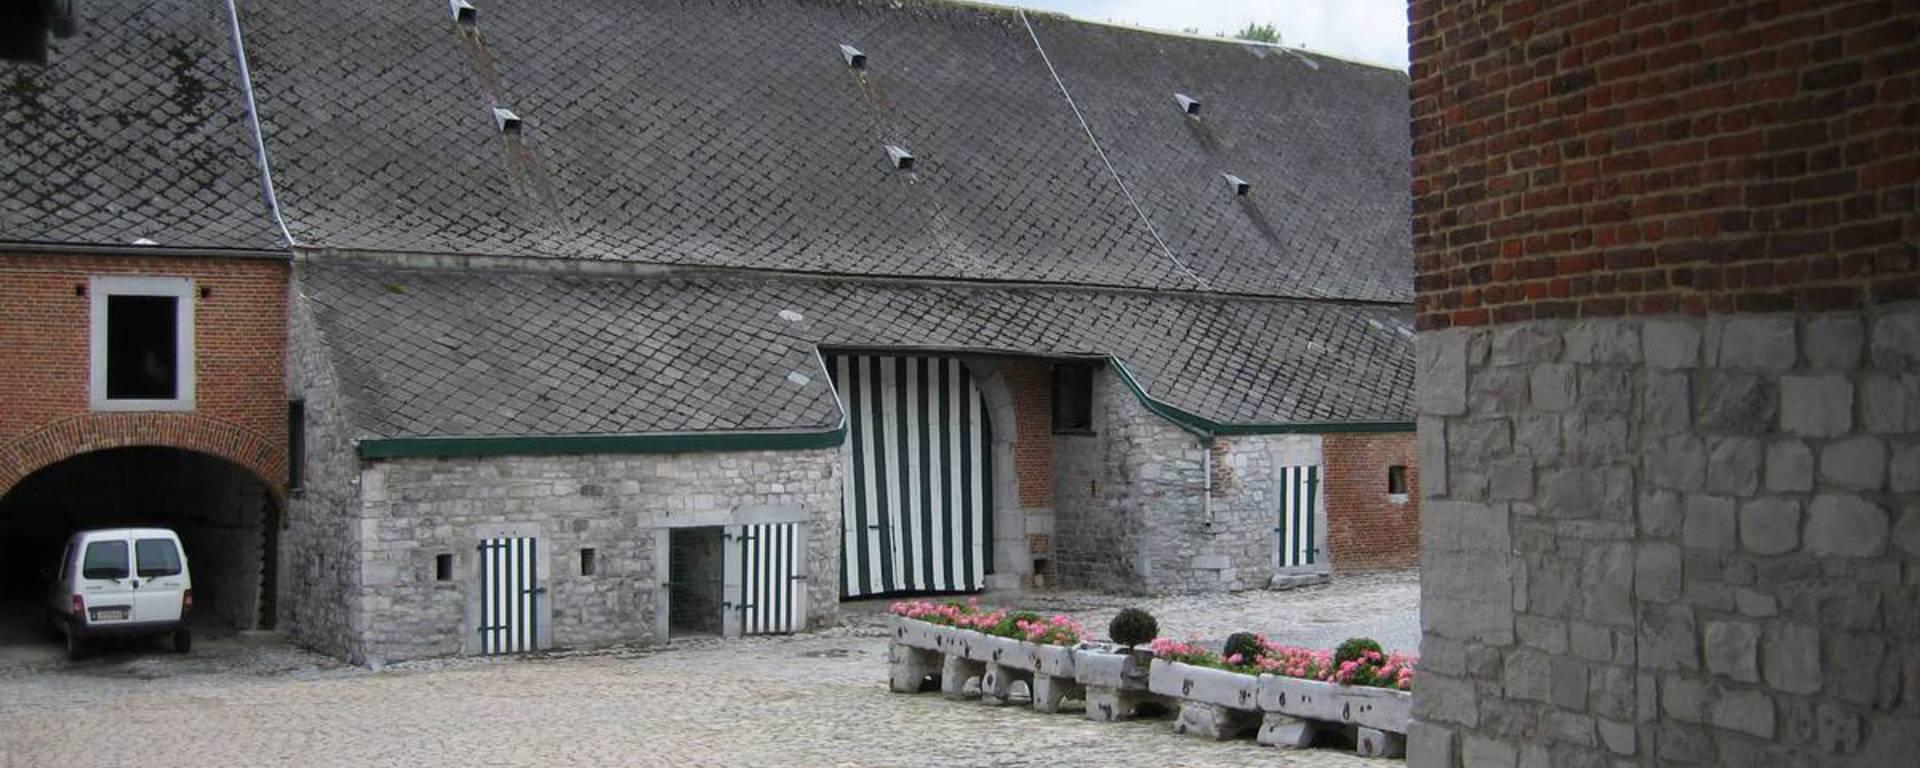 Warnant-Dreye